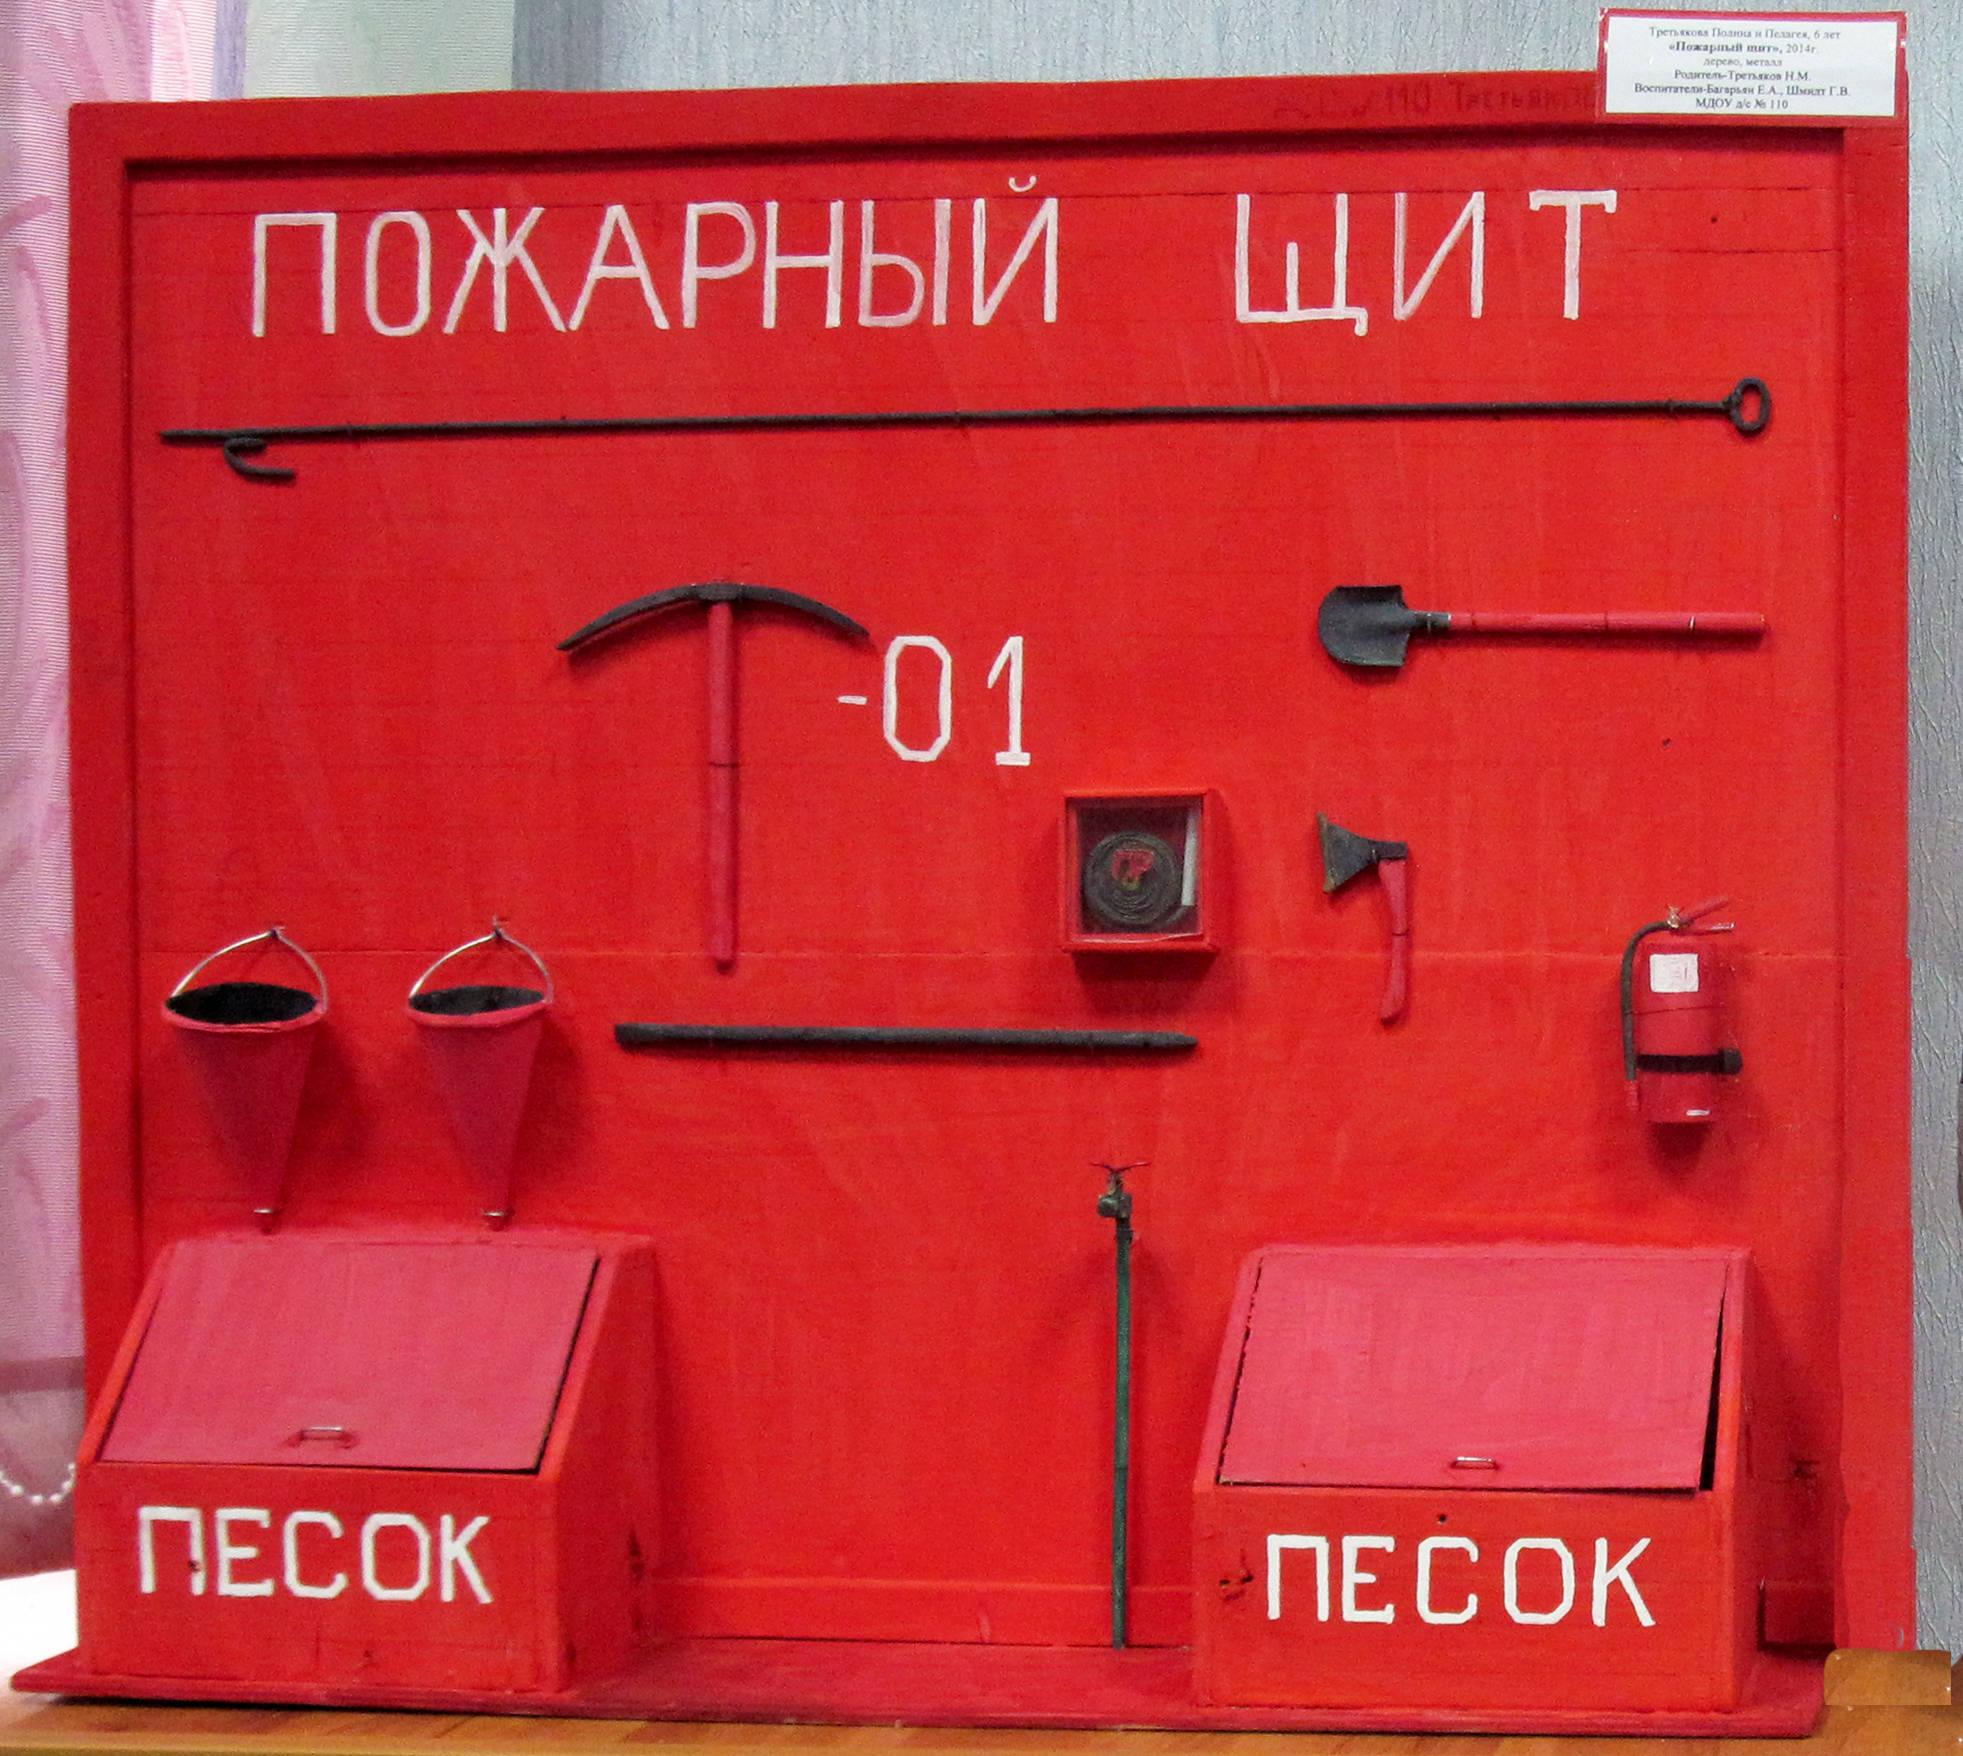 Макет «Пожарный щит» (мастер-класс). Воспитателям детских садов 84